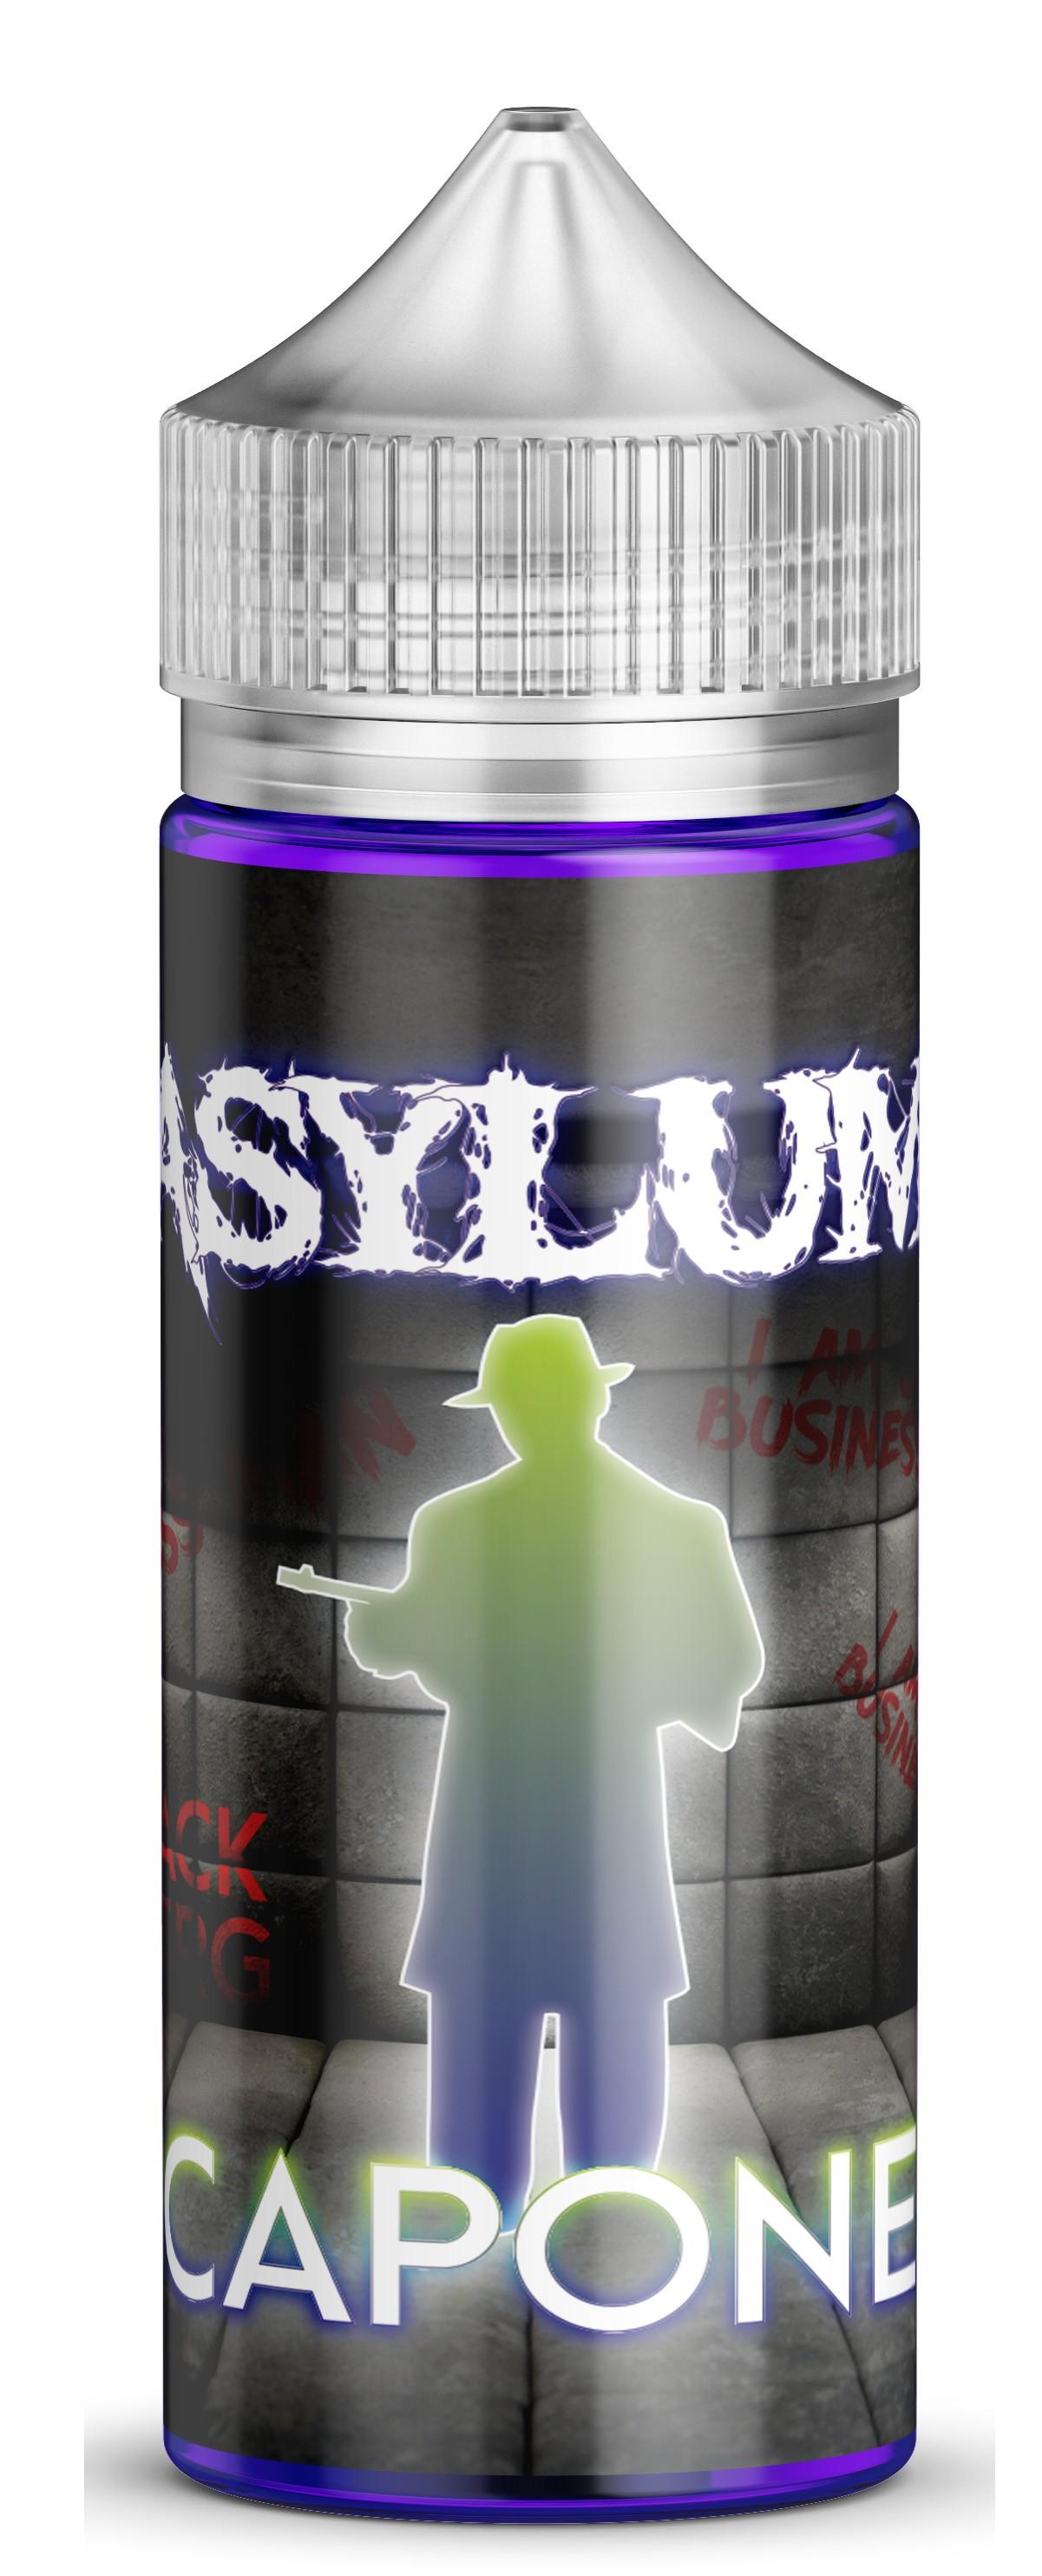 Capone - Asylim 100ml